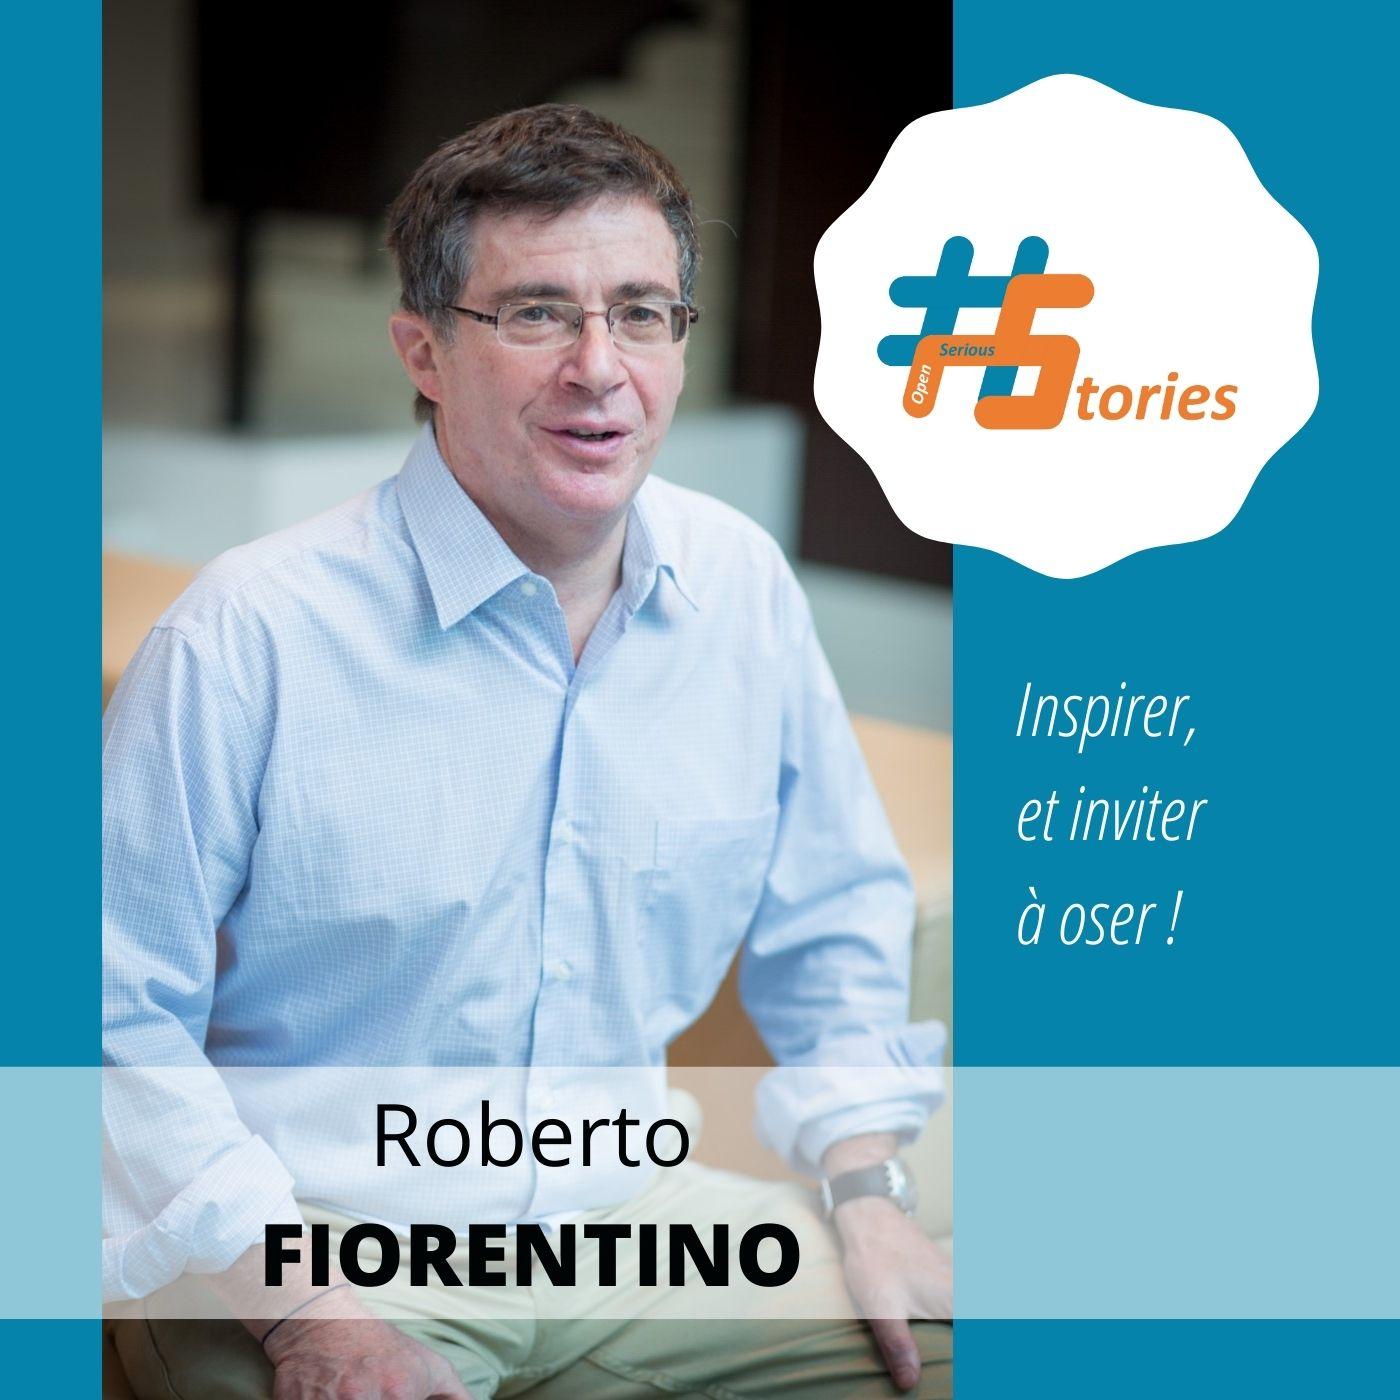 #OpenSeriousStories - Niveau 8 - Roberto Fiorentino